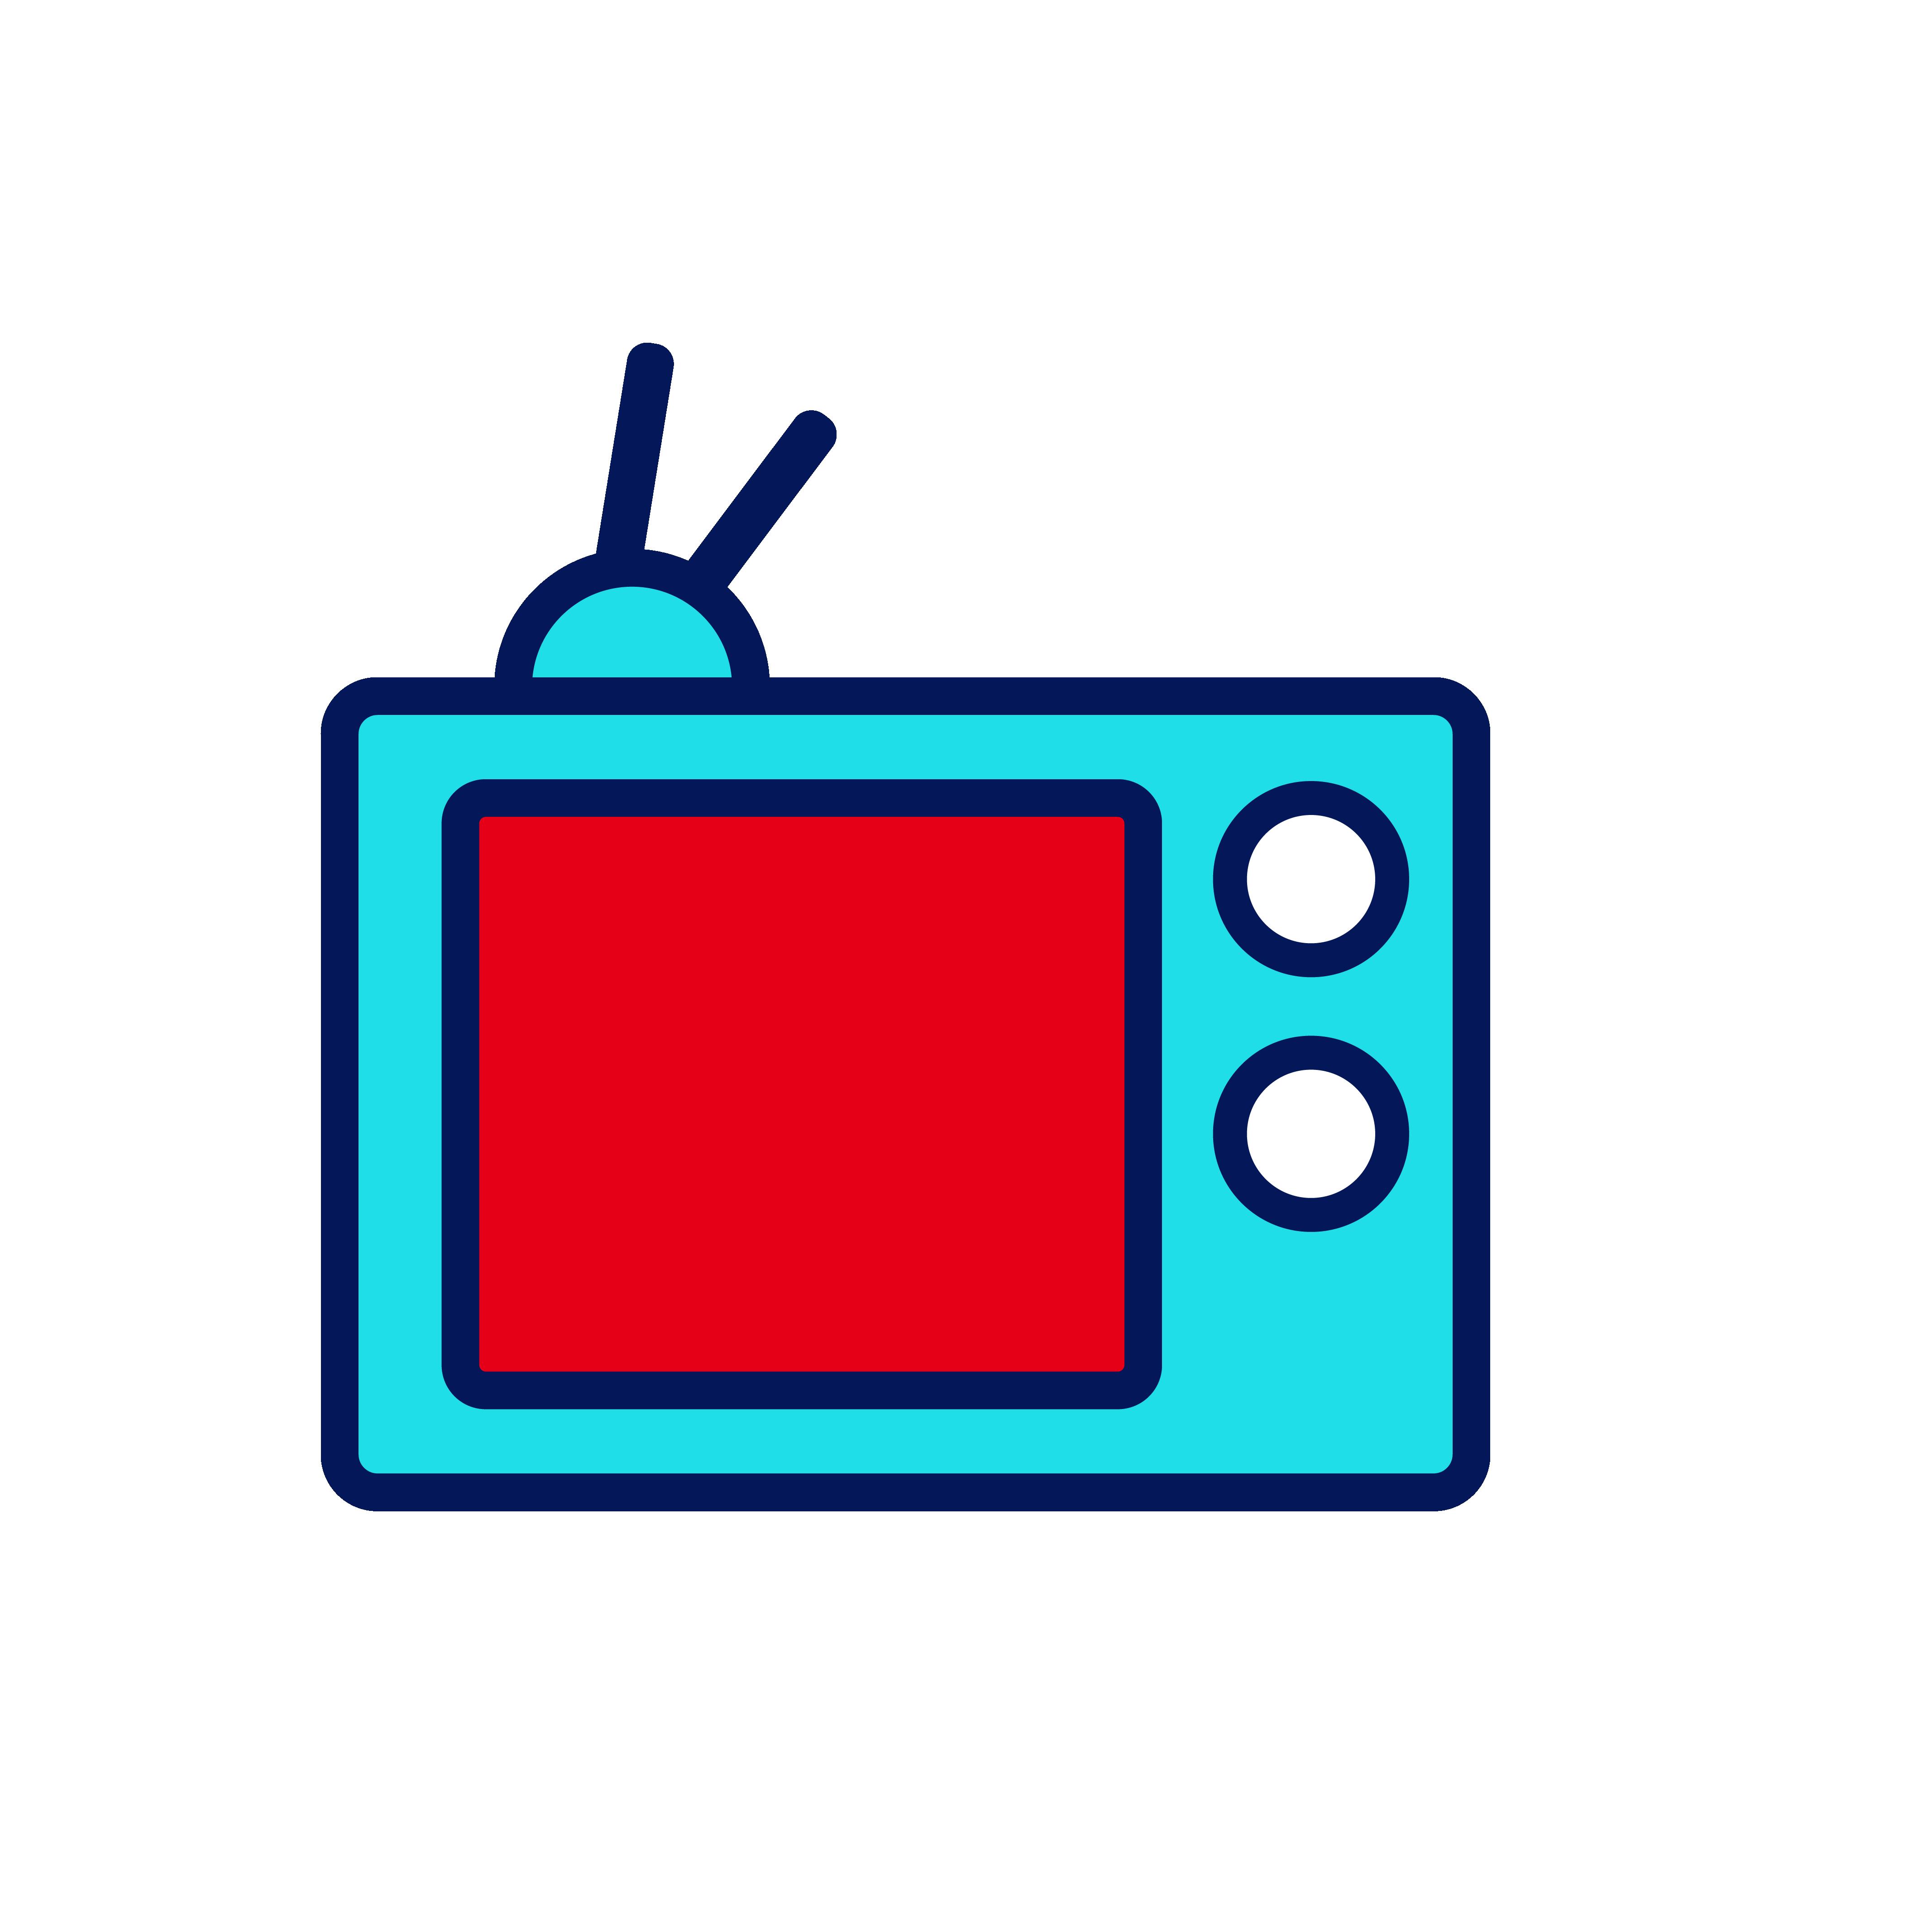 icones_Intro_3-TV